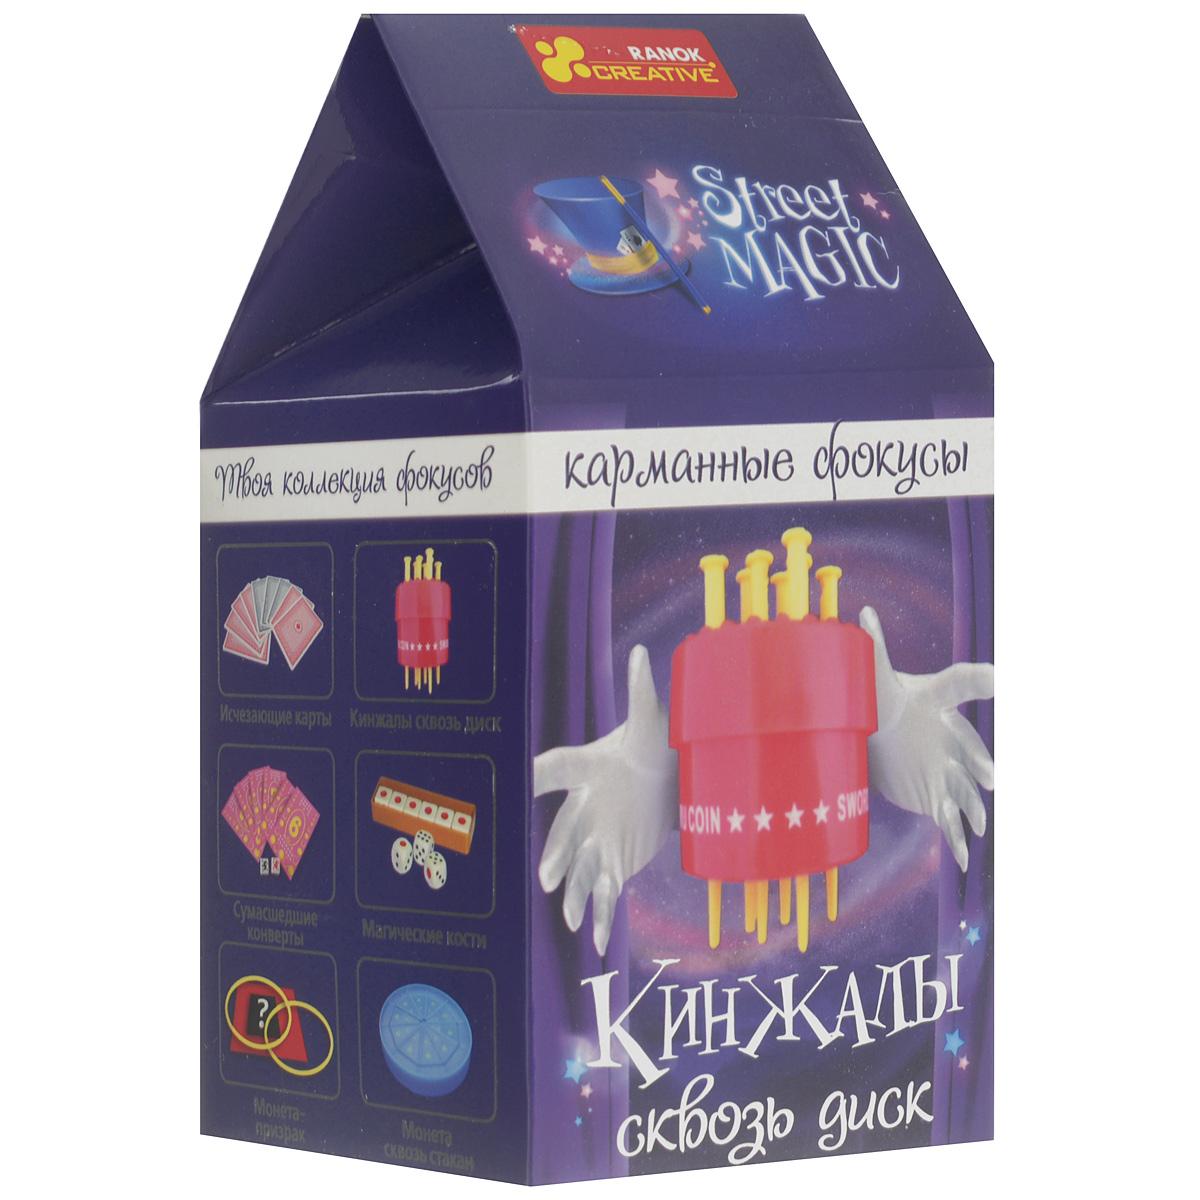 Набор для фокусов Ranok Кинжалы сквозь диск6028Набор для фокусов Ranok Кинжалы сквозь диск обязательно привлечет внимание вашего юного волшебника. Набор включает в себя все необходимое для удивительного фокуса: круглую пластиковую коробку с отверстиями и 8 пластиковых кинжалов. Карманные фокусы-это наборы с удивительными и зрелищными фокусами, в которых заключены секреты волшебства. Ребенок научится всем премудростям магии и почувствует себя настоящим волшебником. Наборы очень легкие и удобные, их можно брать с собой в дорогу или в гости, где ваш ребенок сможет продемонстрировать ловкость рук и чудеса магии. Порадуйте своего ребенка таким замечательным и магическим подарком.